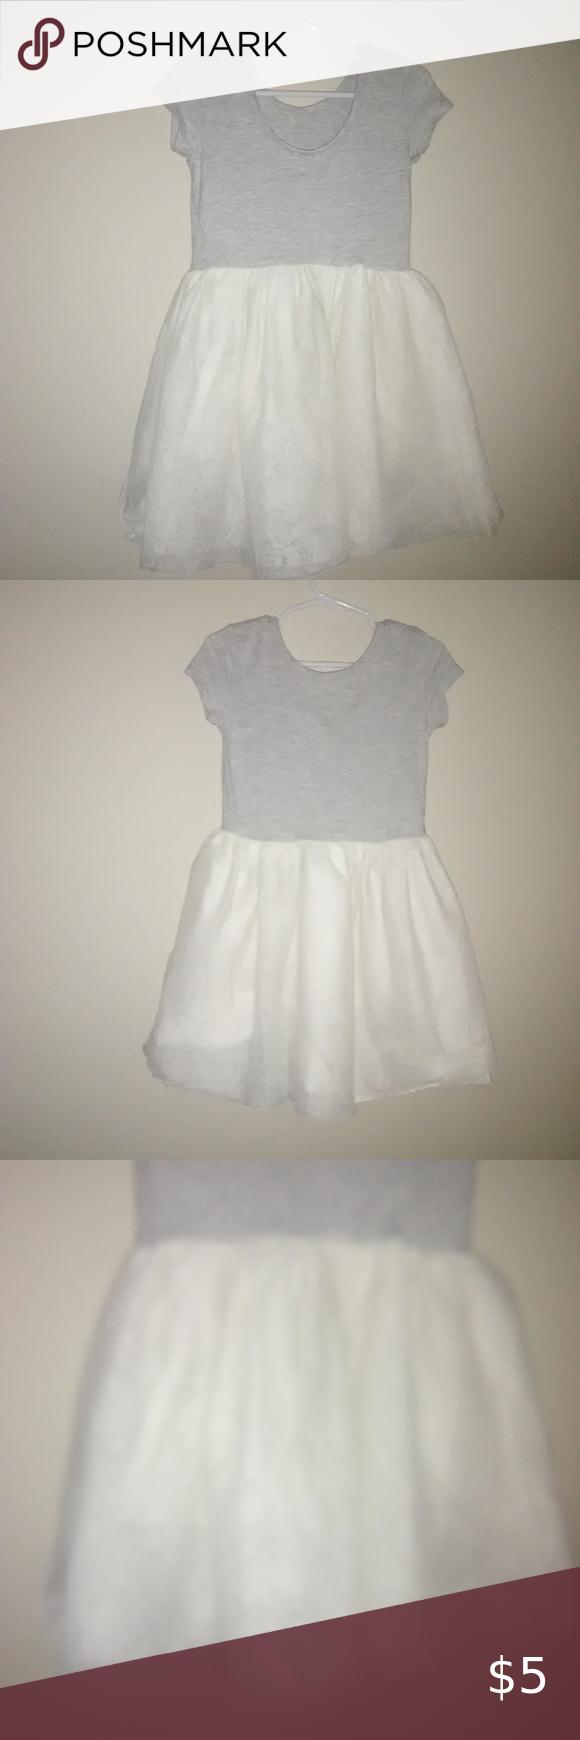 Girls Short Sleeve Dress Size 4t Girls Short Sleeve Dress Short Sleeve Dresses Casual White Dress [ 1740 x 580 Pixel ]